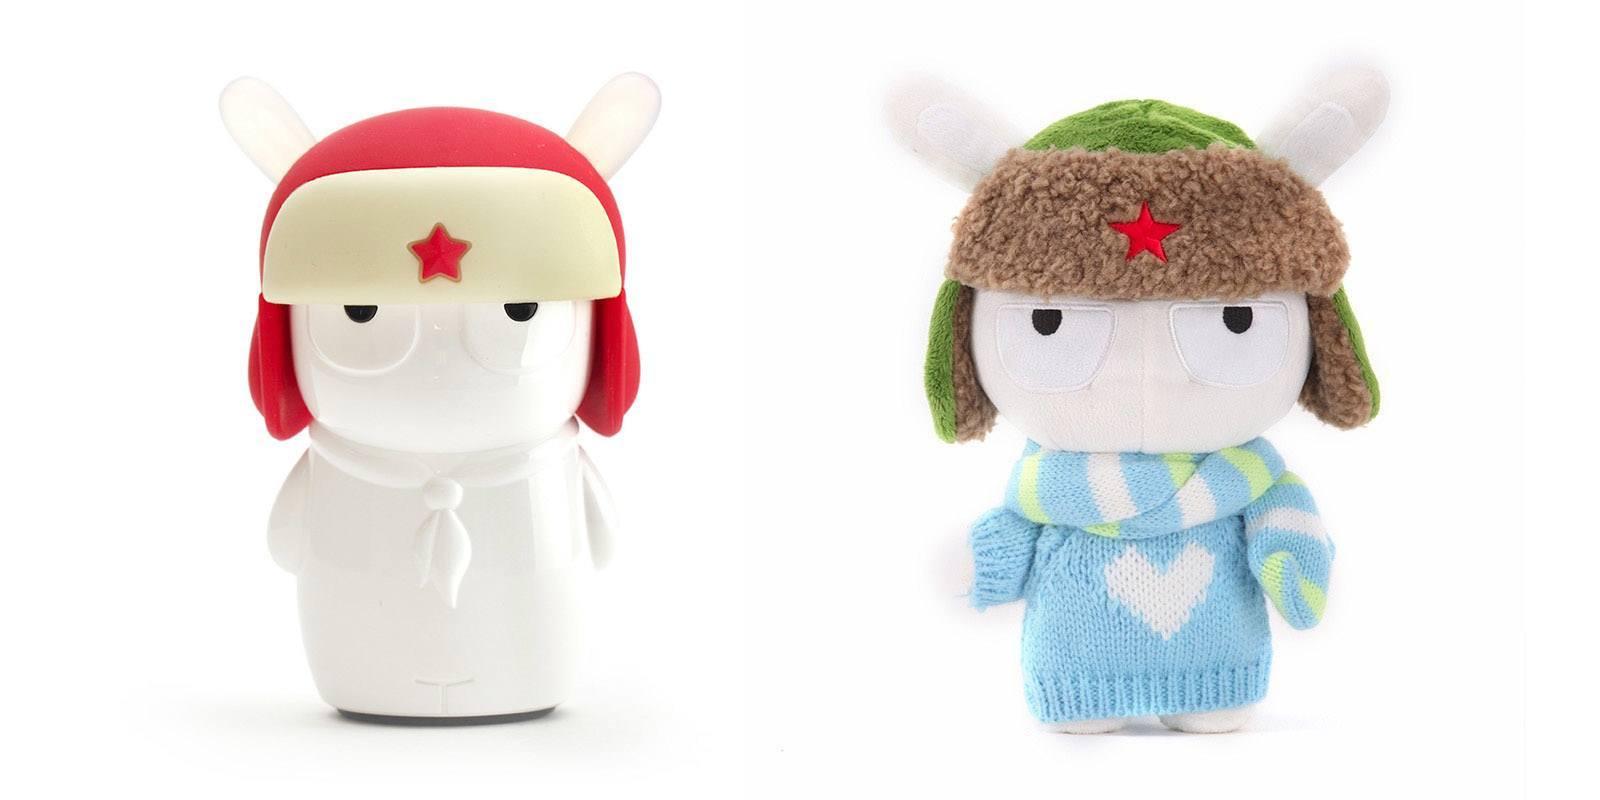 Xiaomi Mascot together